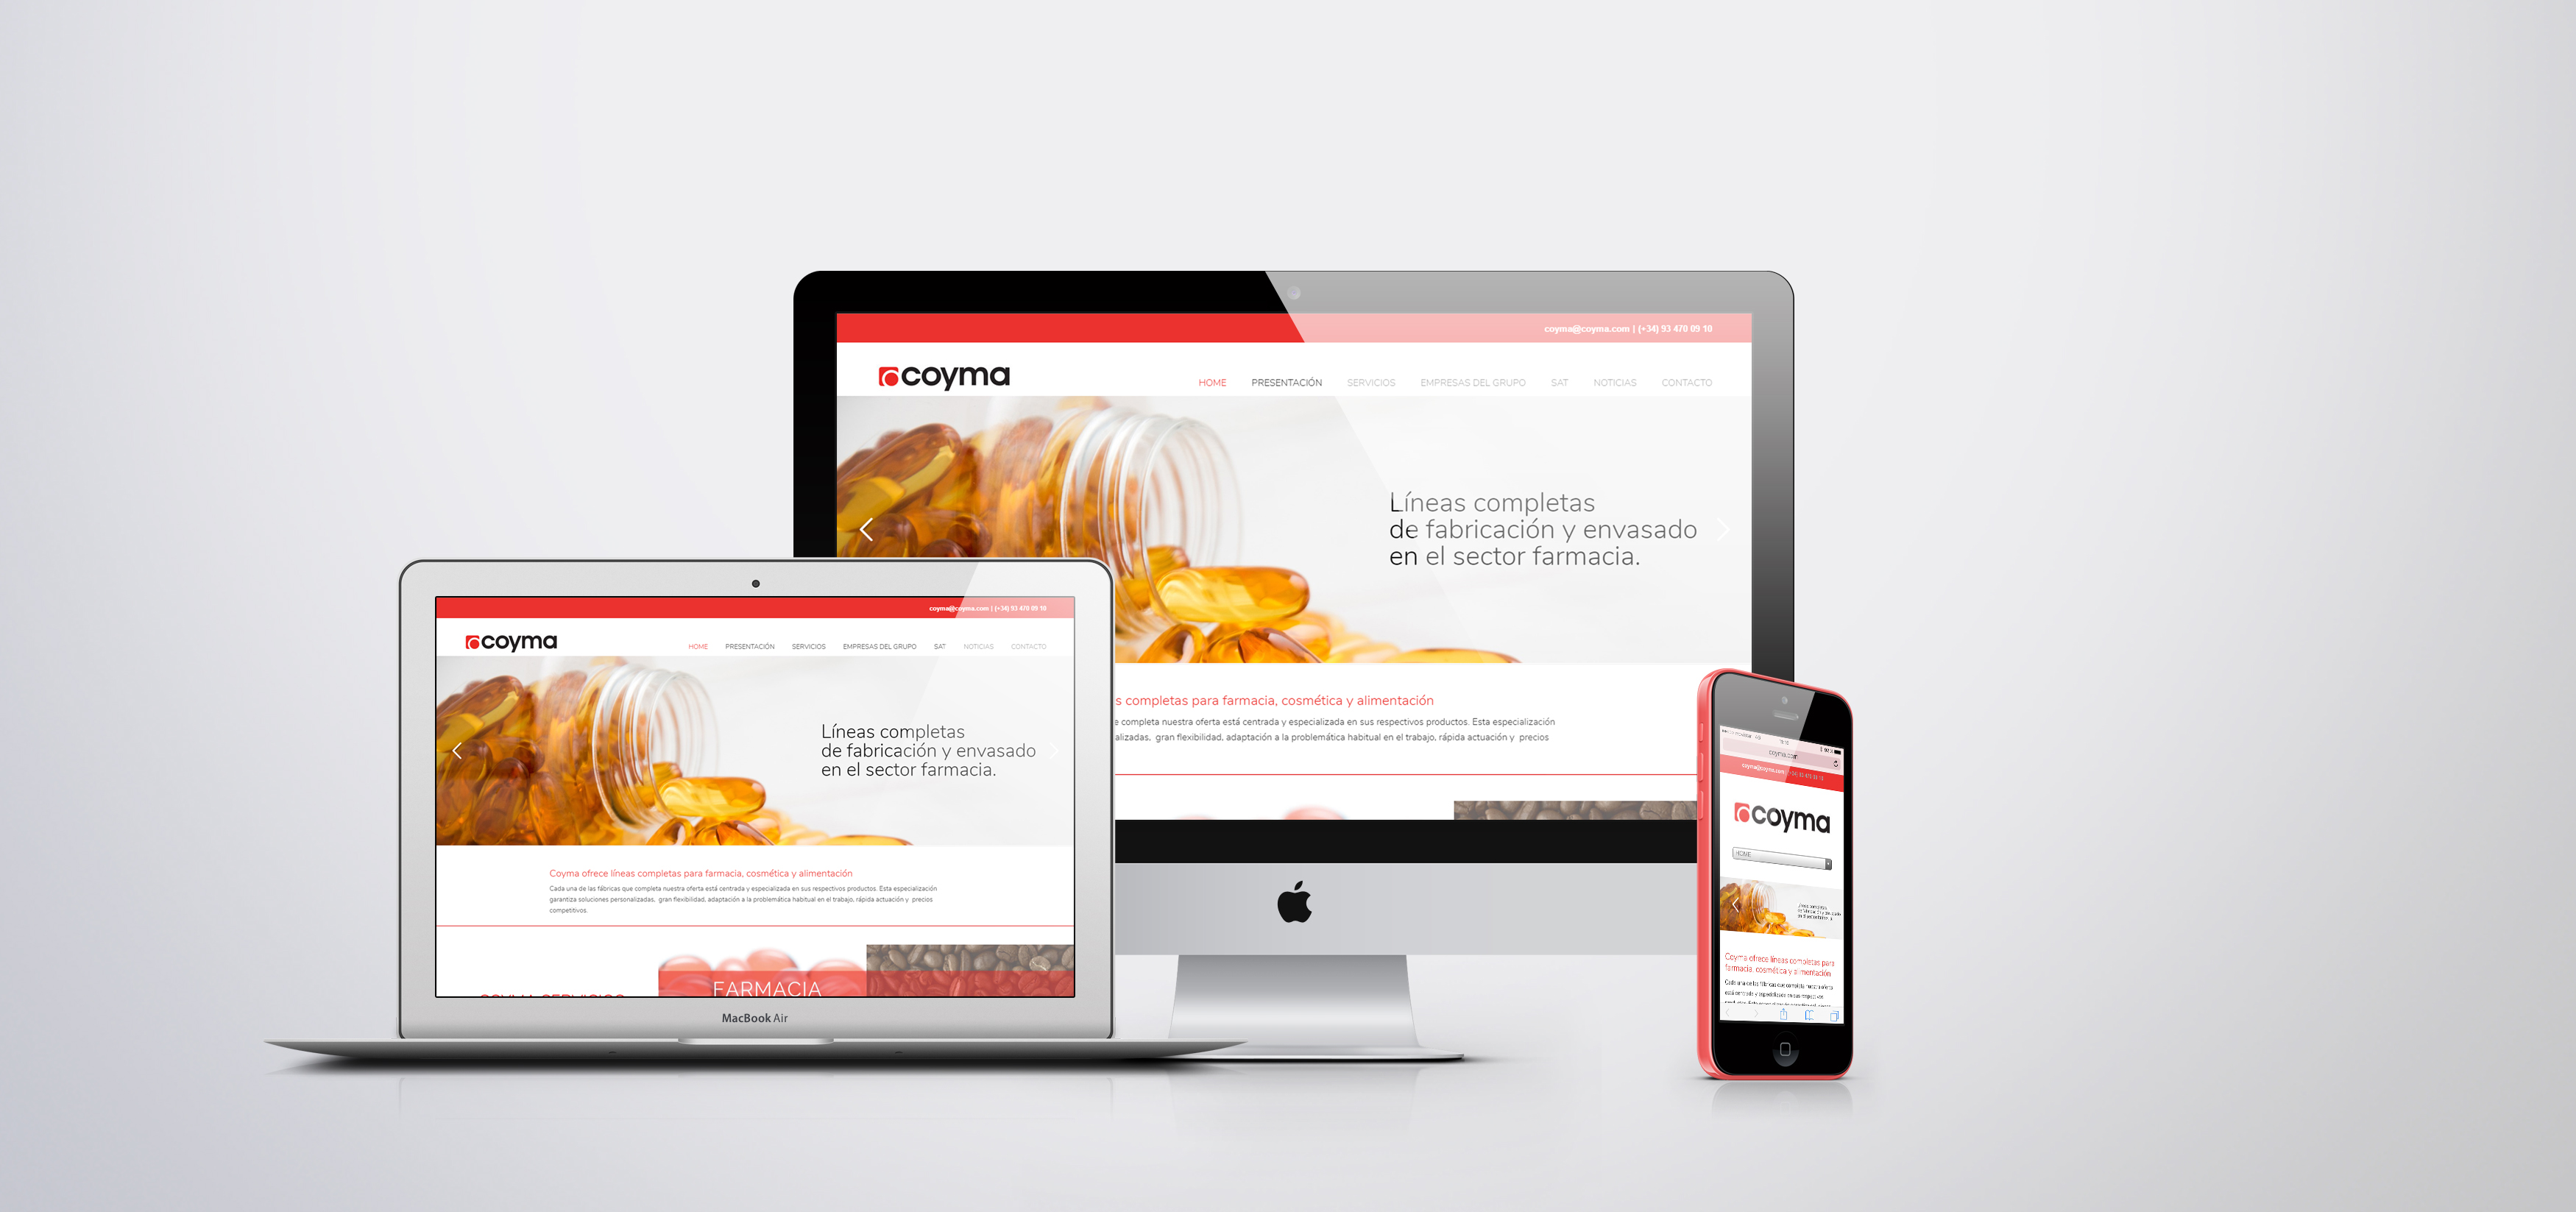 coyma, nueva página web, página web, responsive, seo, sem, lineas completas envasado alimentacion, lineas completas envasado farmacia, lineas completas envasado cosmetica